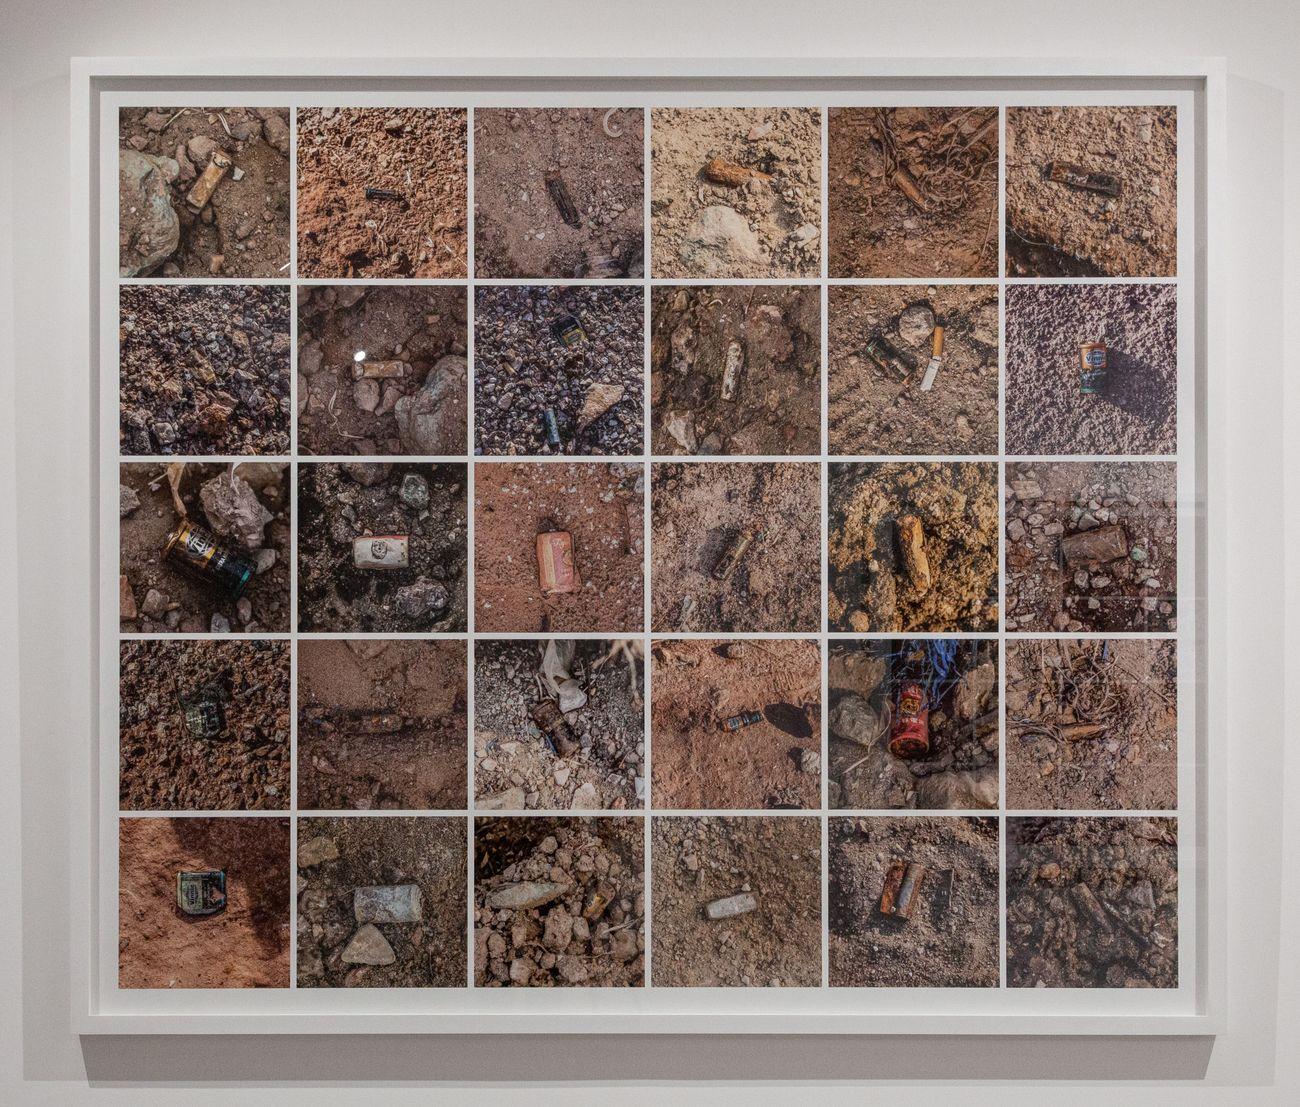 Georges Senga, Le Vide III, 2019, stampa a getto d'inchiostro su carta, 126x126 cm. Photo credit Luca Corgnali. Courtesy ArtNoble Gallery